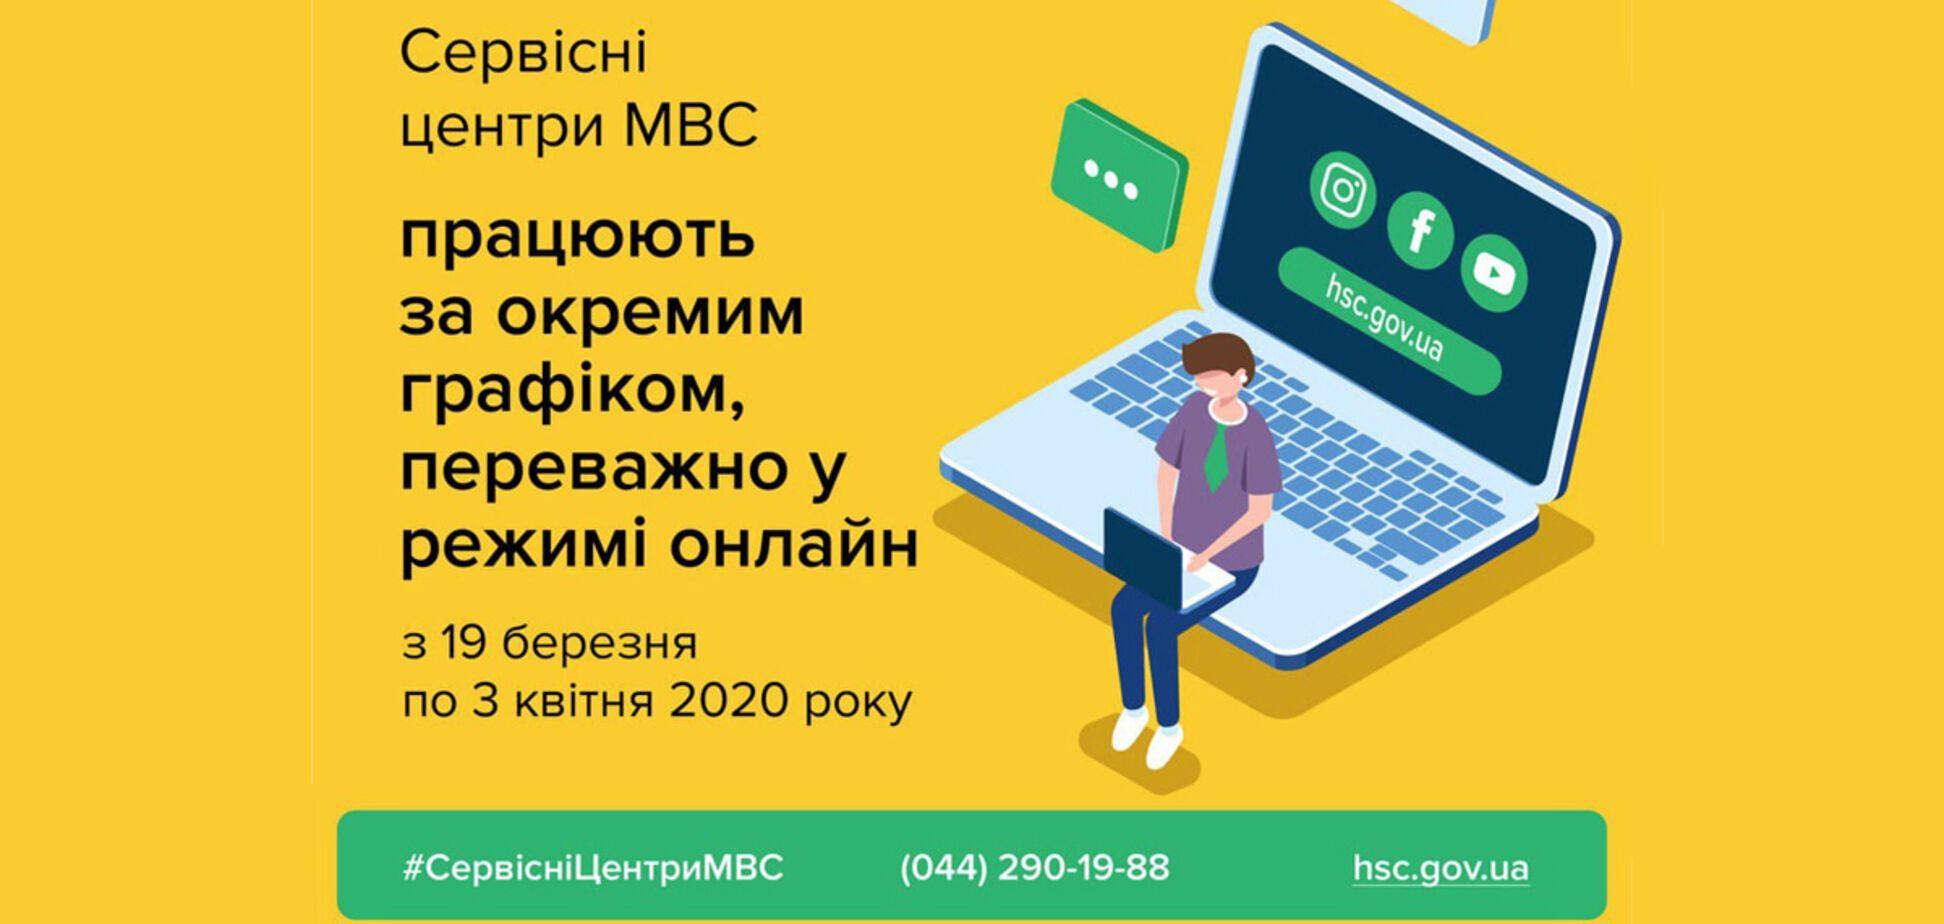 Внимание! Сервисные центры МВД переходят в онлайн режим